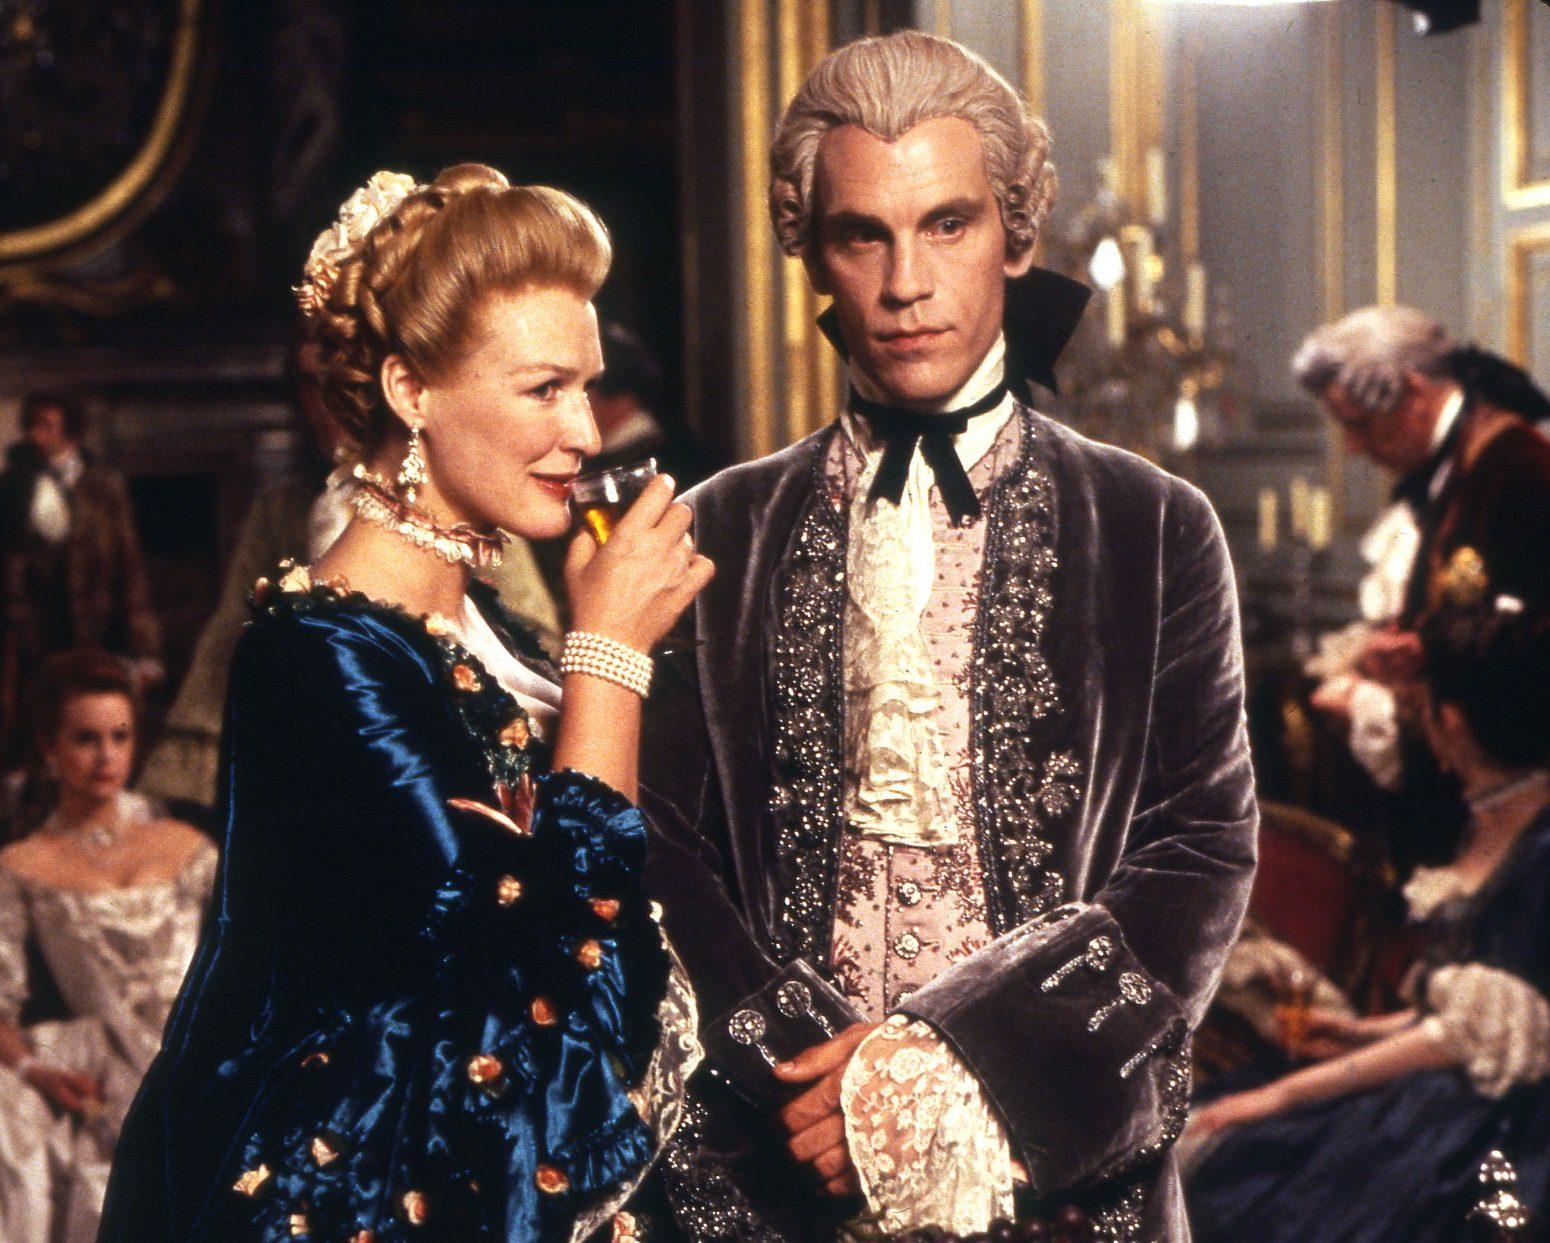 dangerous liaisons sl001 e1607944661685 20 Famous Films That Had Almost Identical 'Twins'